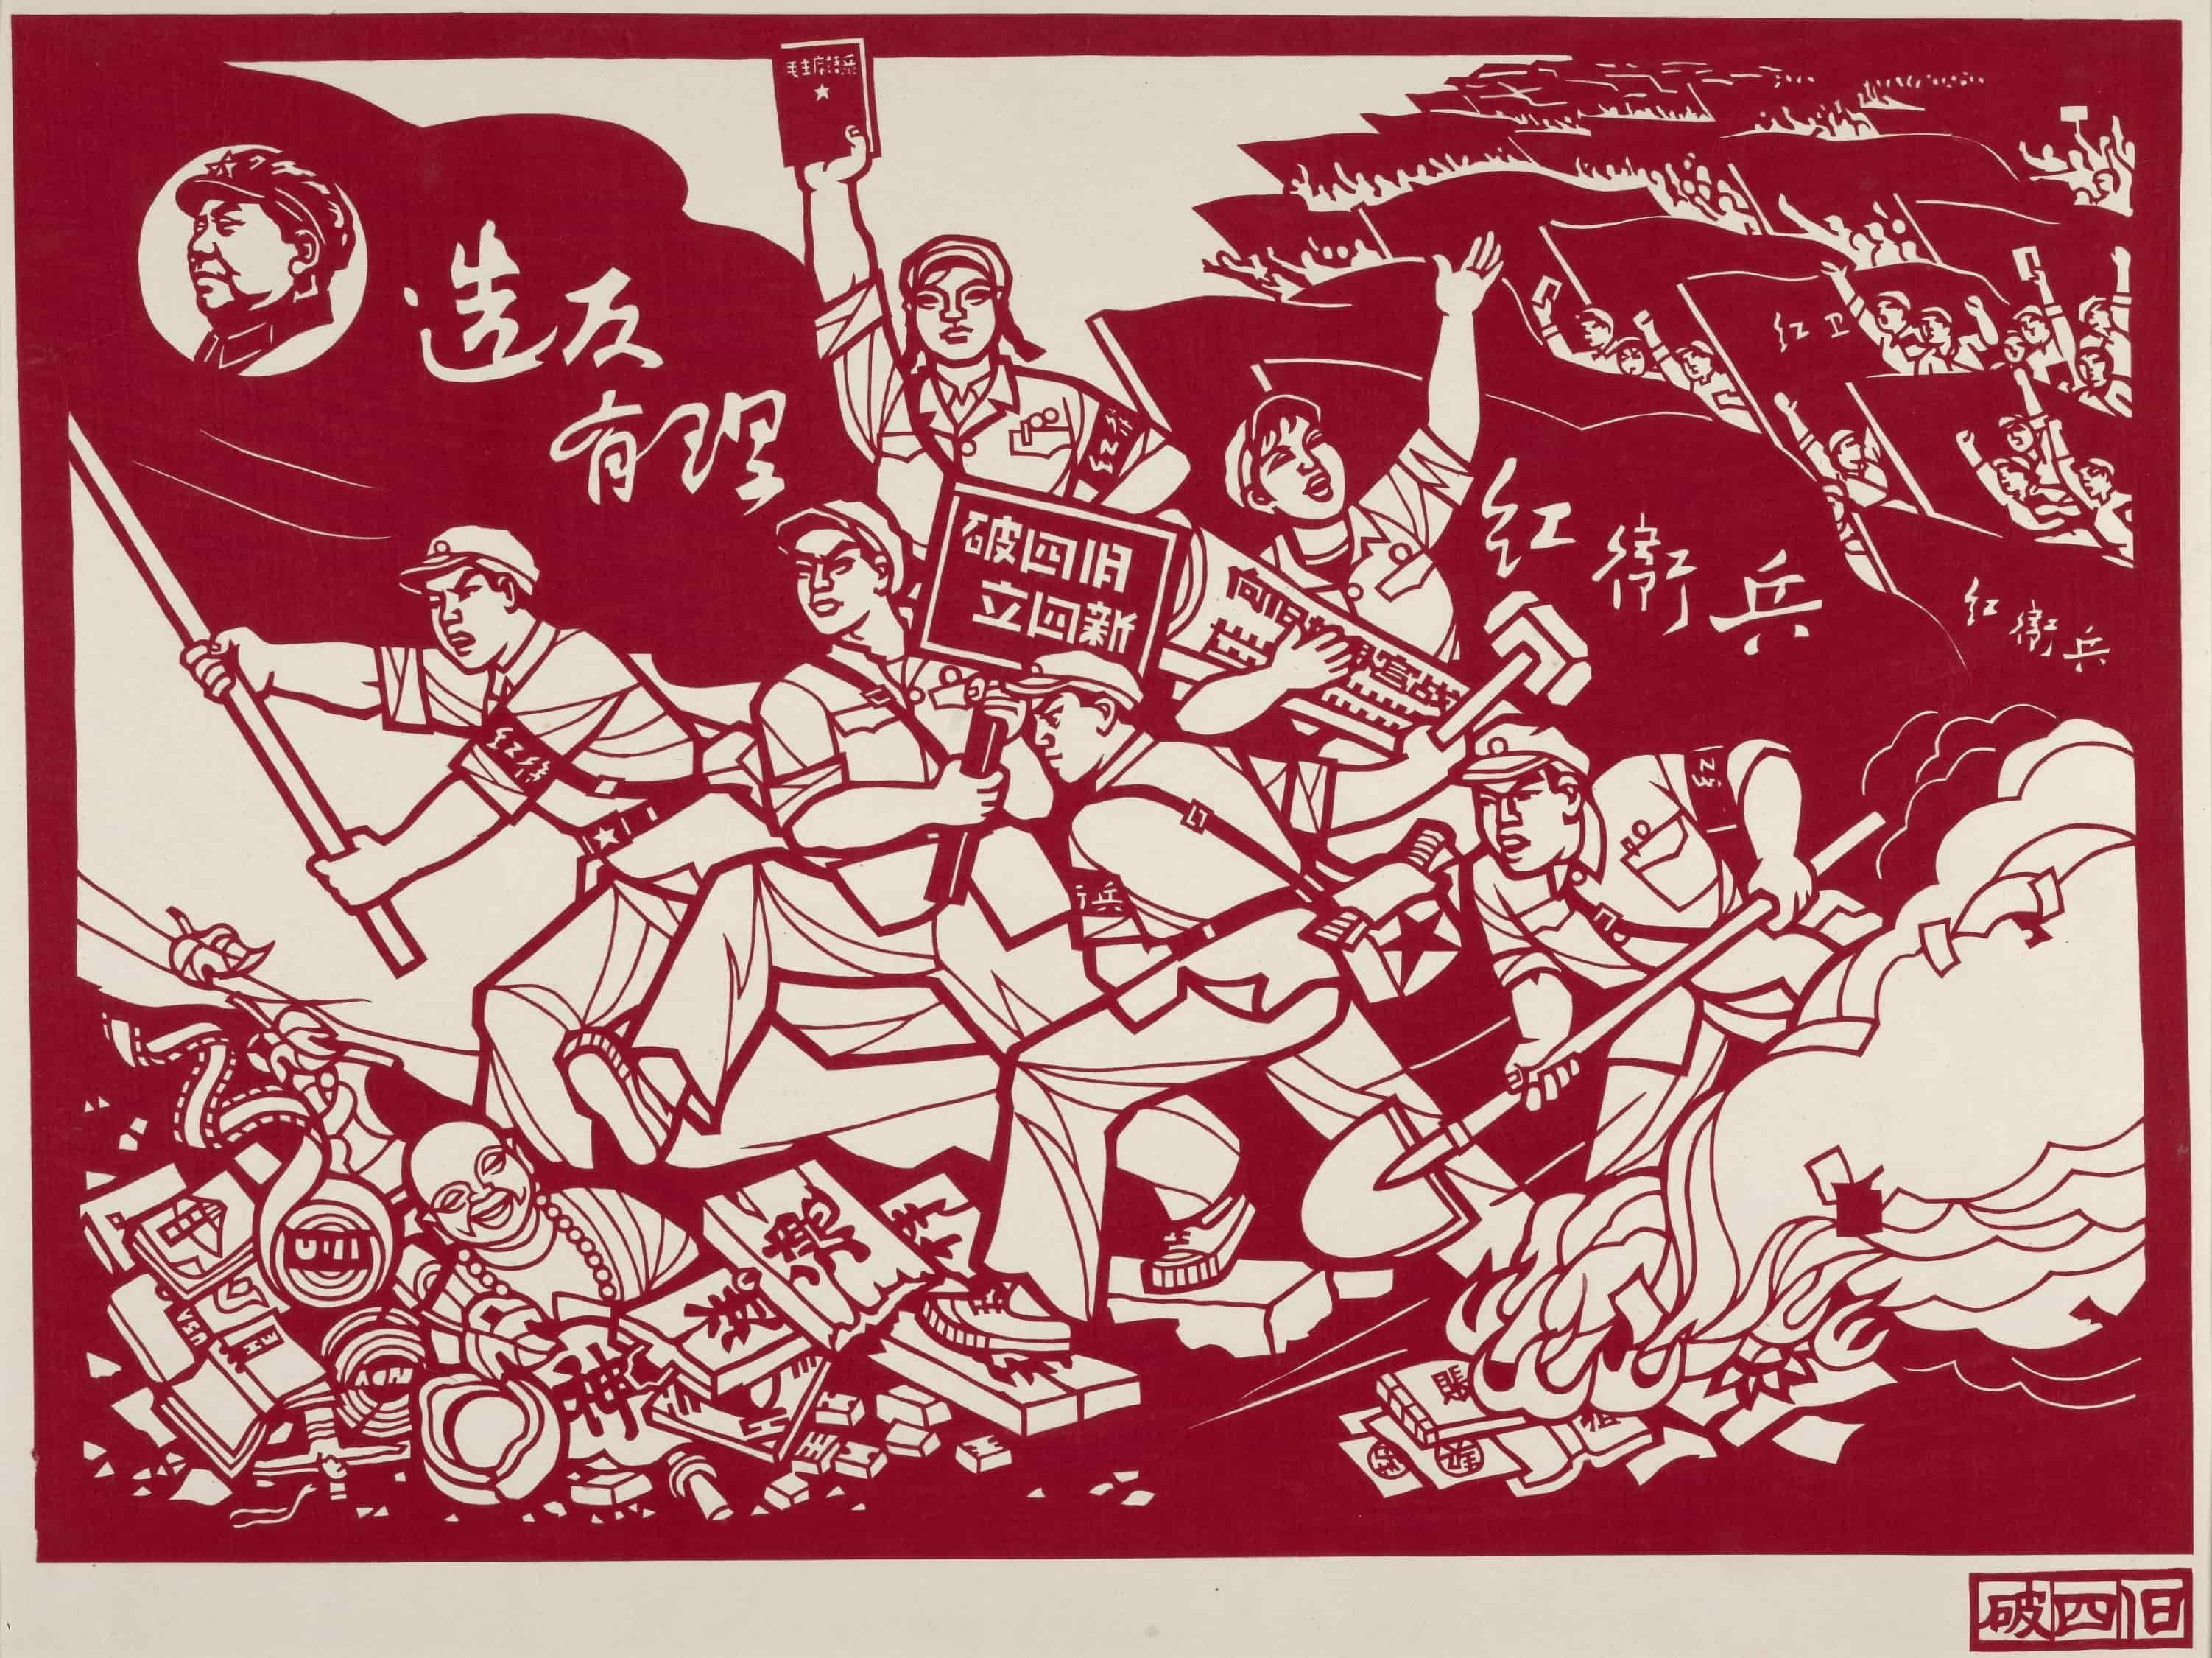 Ribuan Tahun Berbentuk Kekaisaran, Bagaimana Tiongkok menjadi Negara Komunis? 126